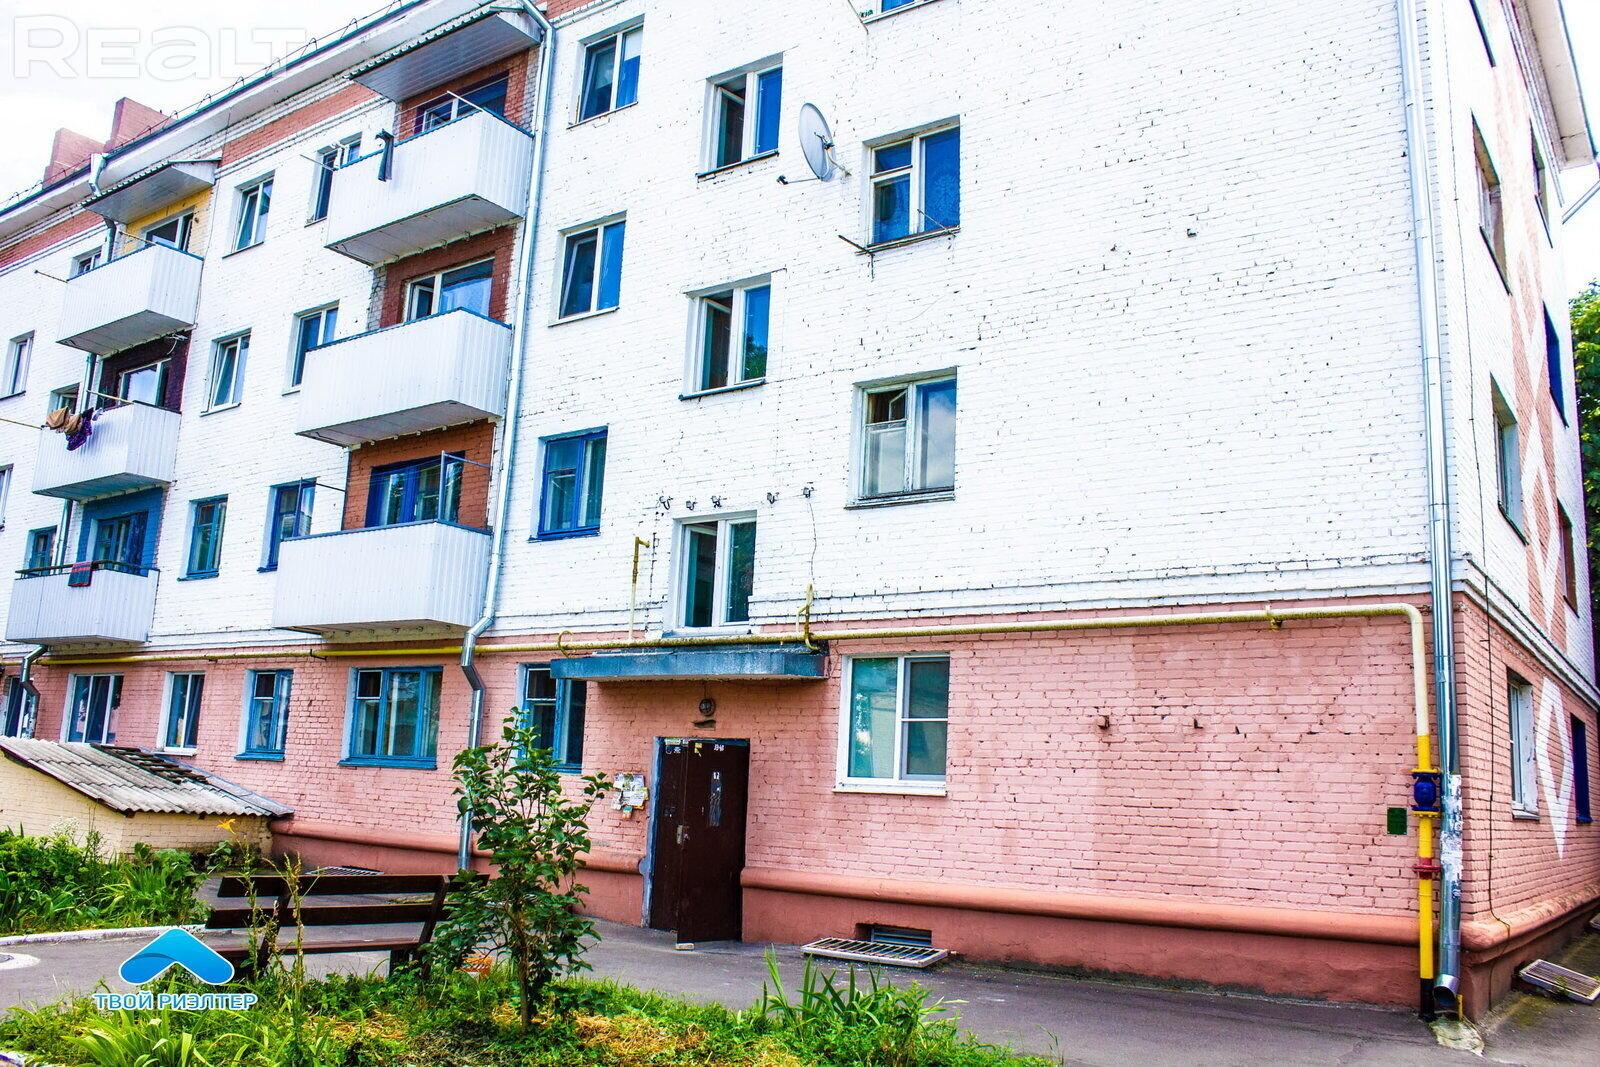 Продажа 1 комнатной квартиры в г. Мозыре, ул. Пушкина, дом 40. Цена 25 738 руб